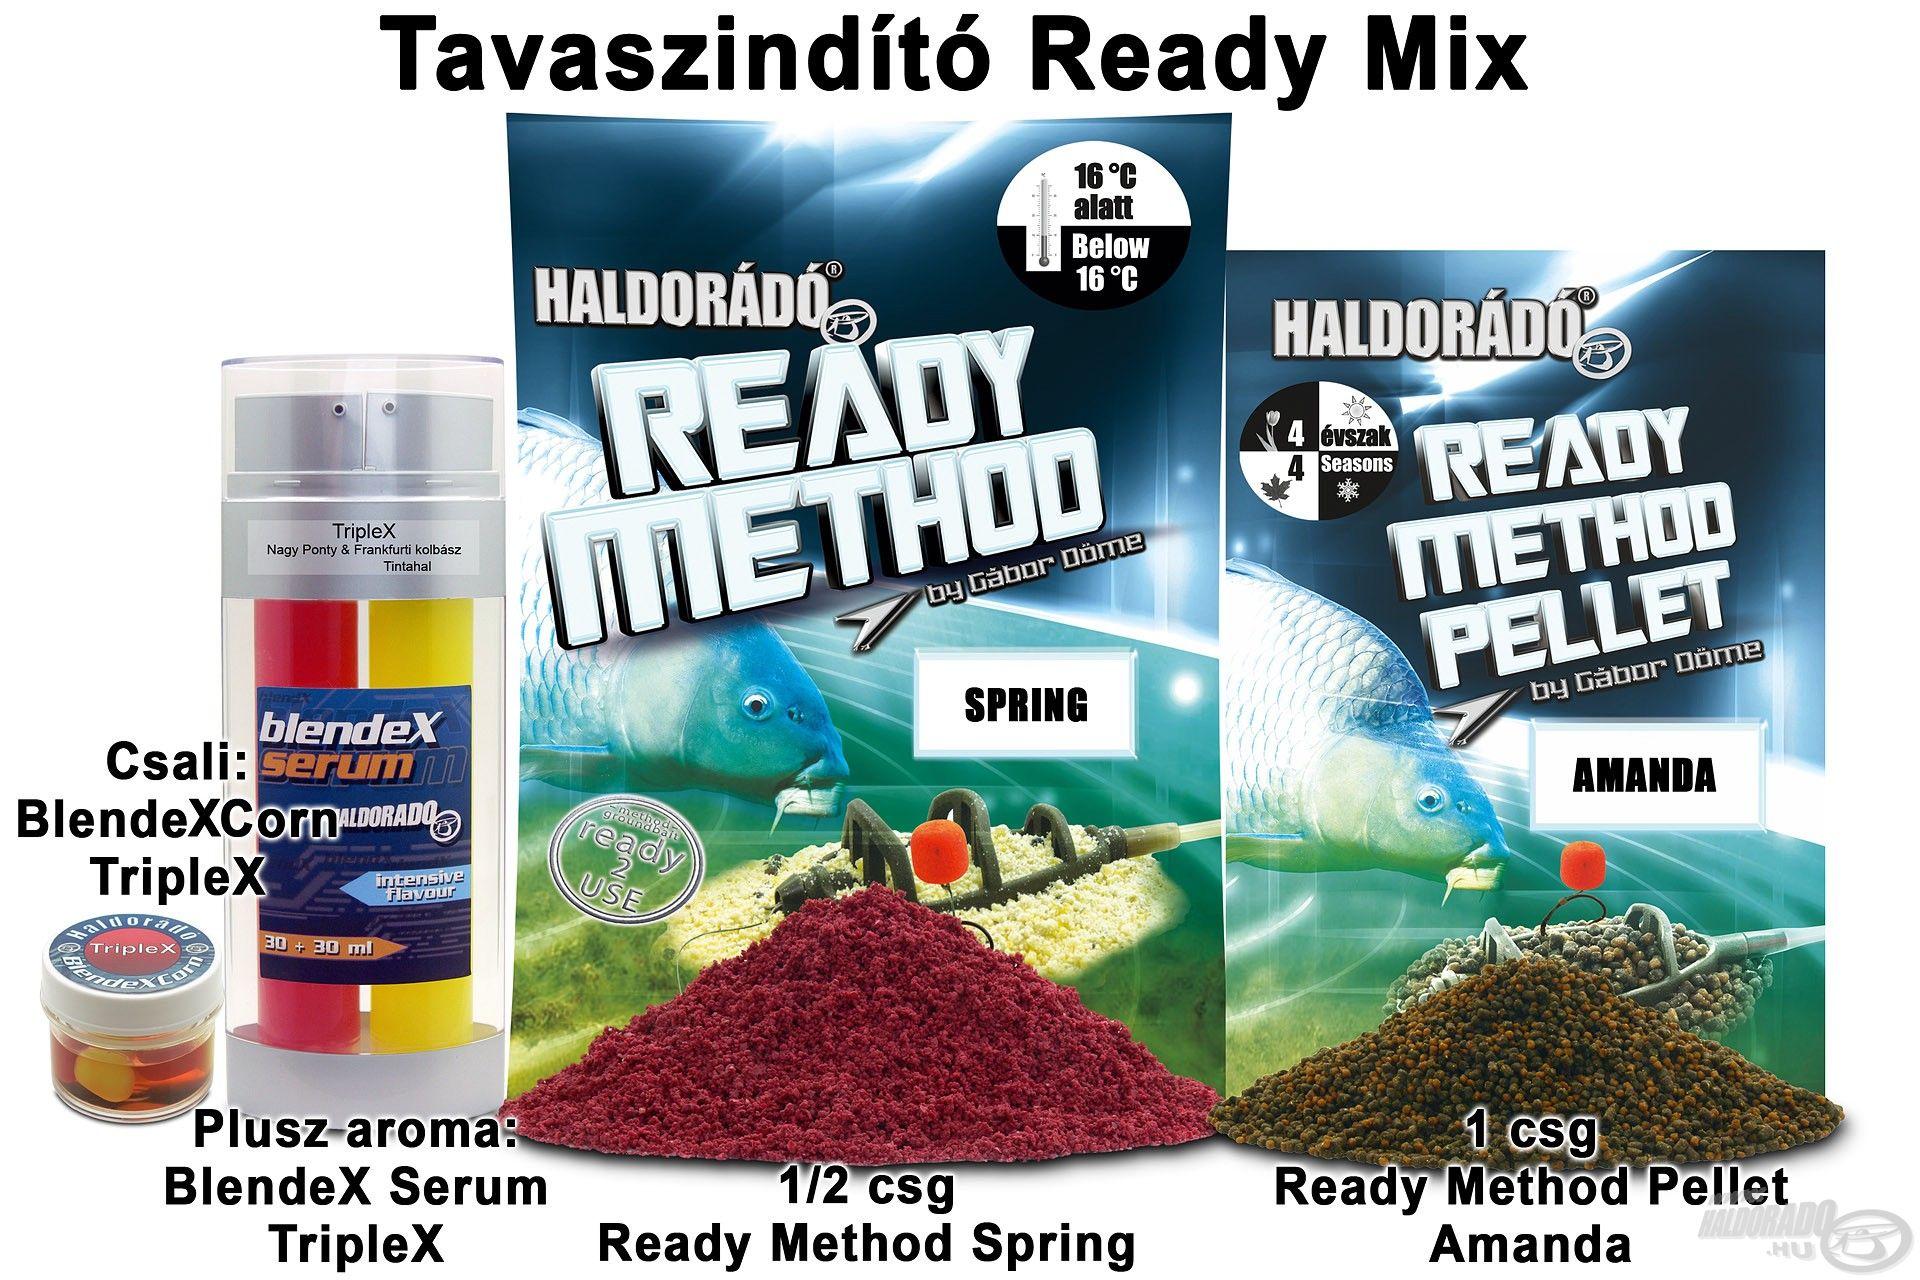 Tavaszindító Ready Mix